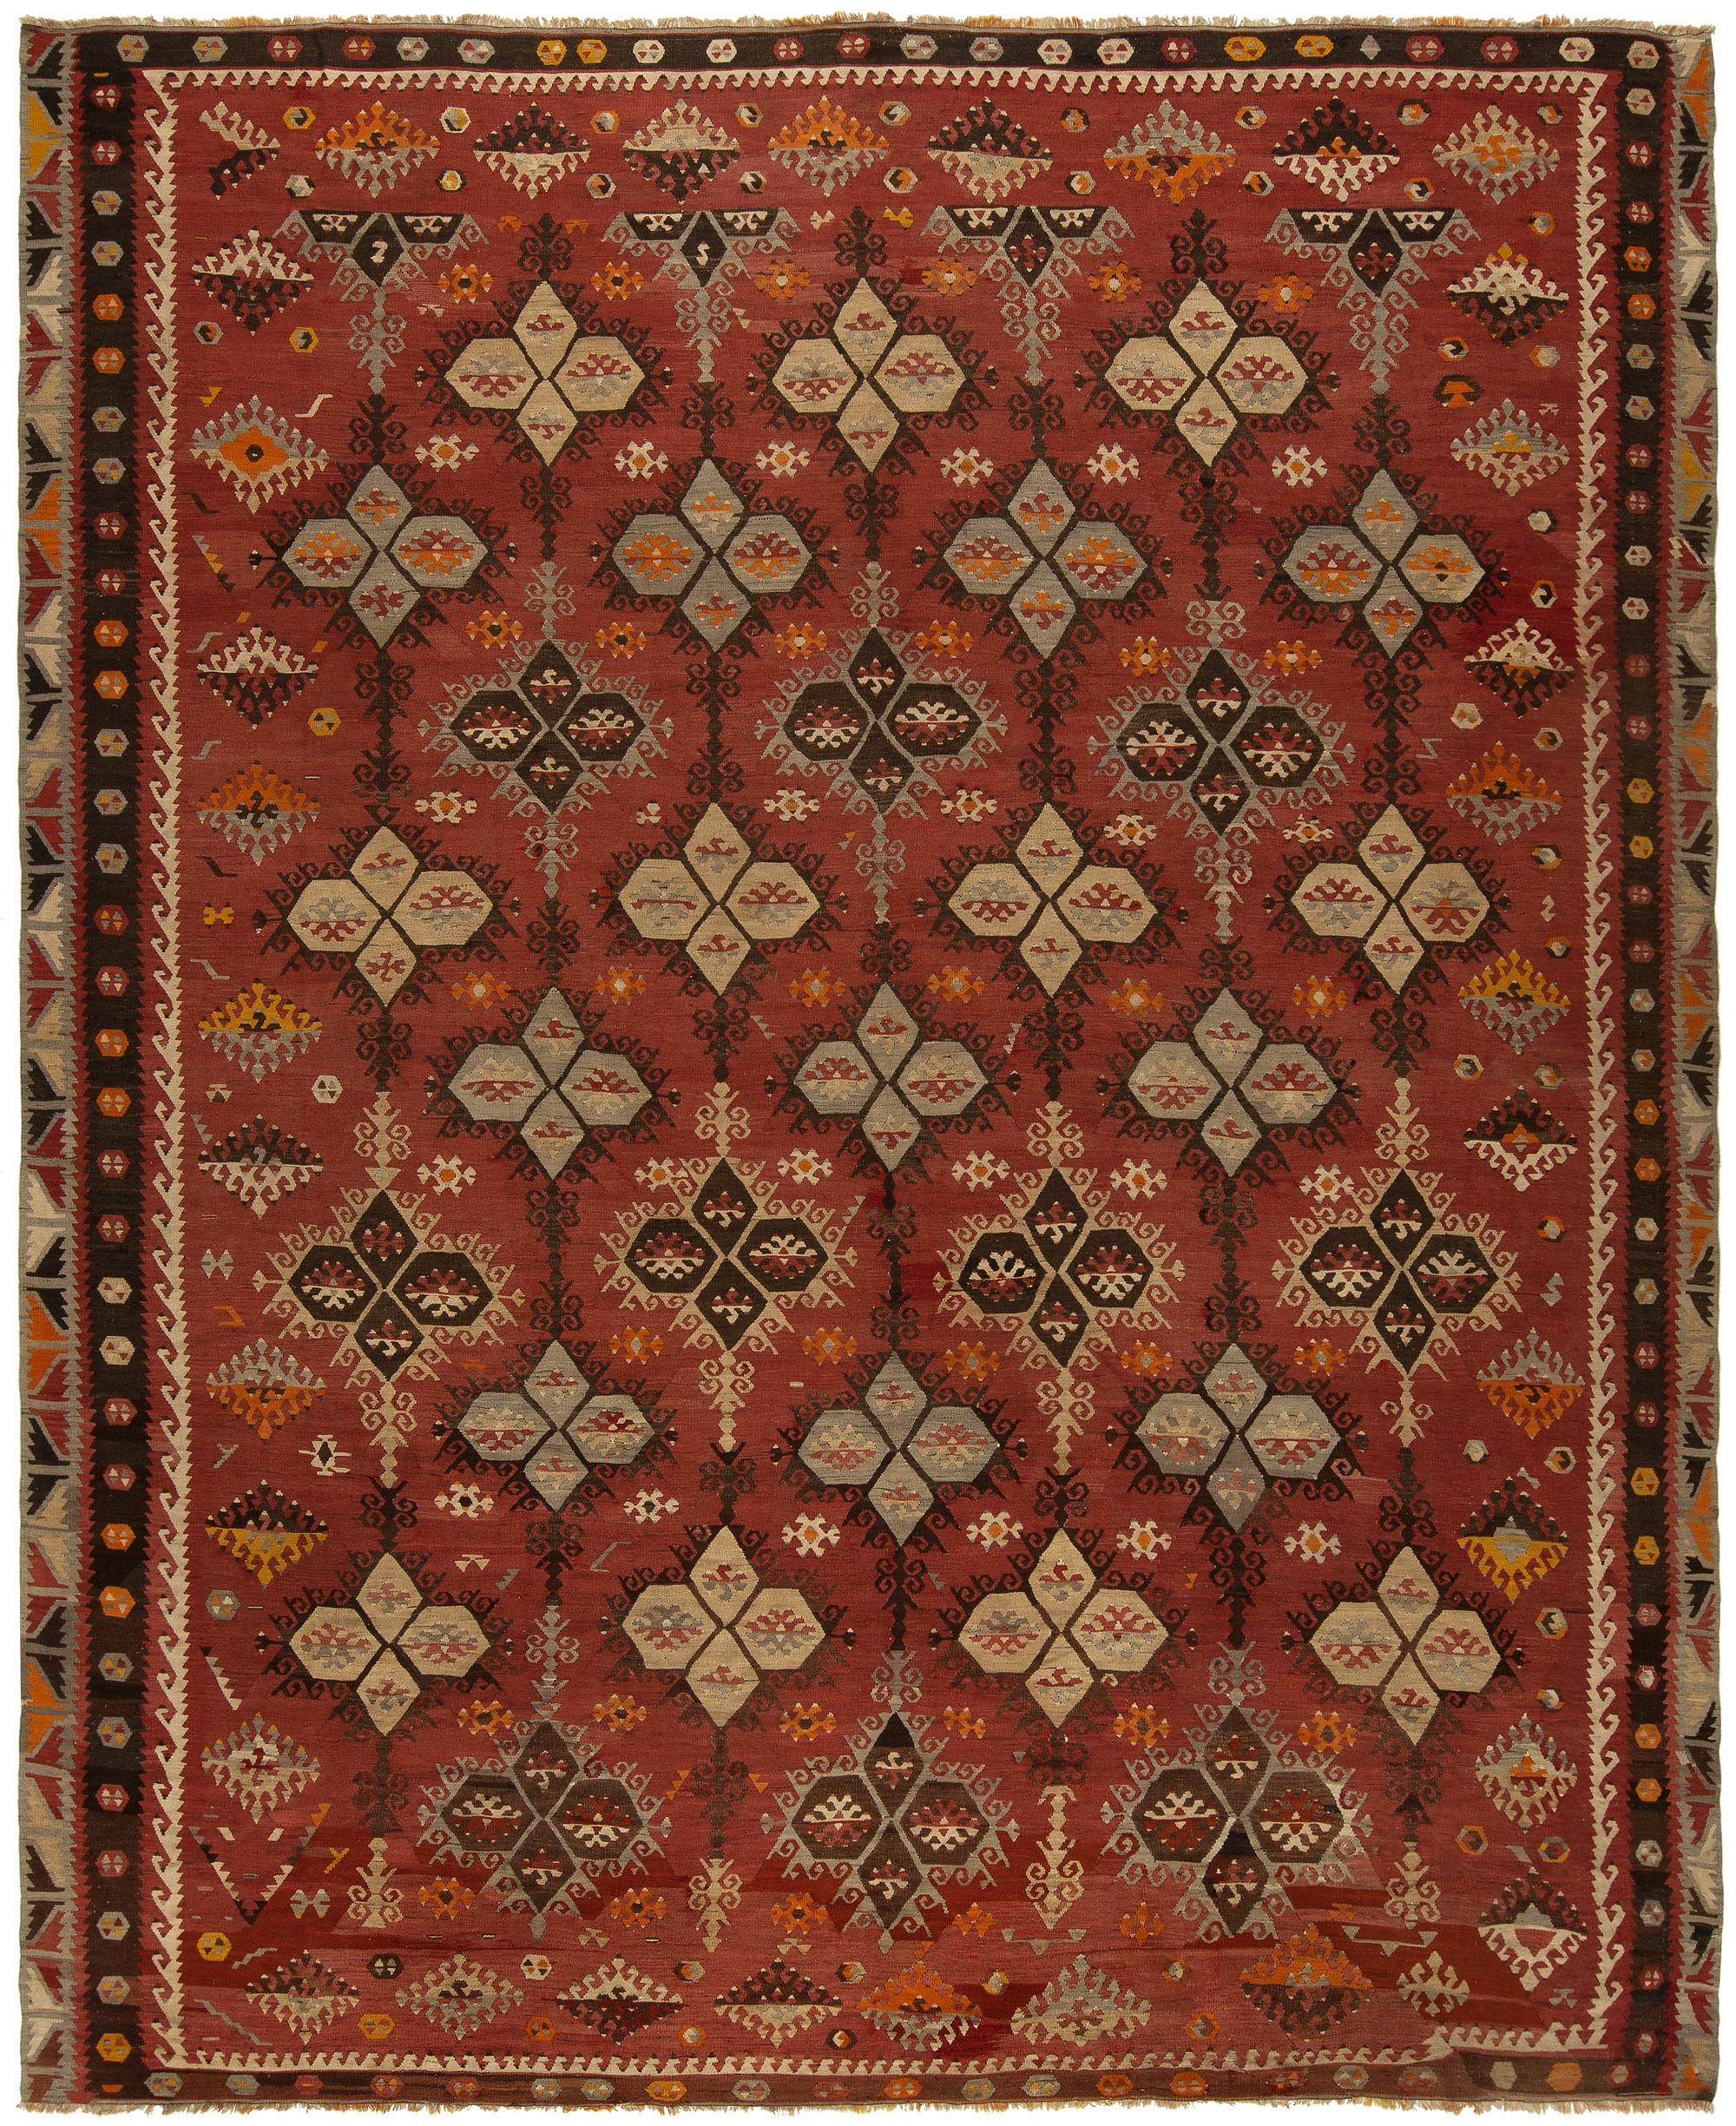 Turkish Kilim Rug Bb5429 Doris Leslie Blau In Turkish Kilim Rugs (Image 13 of 15)